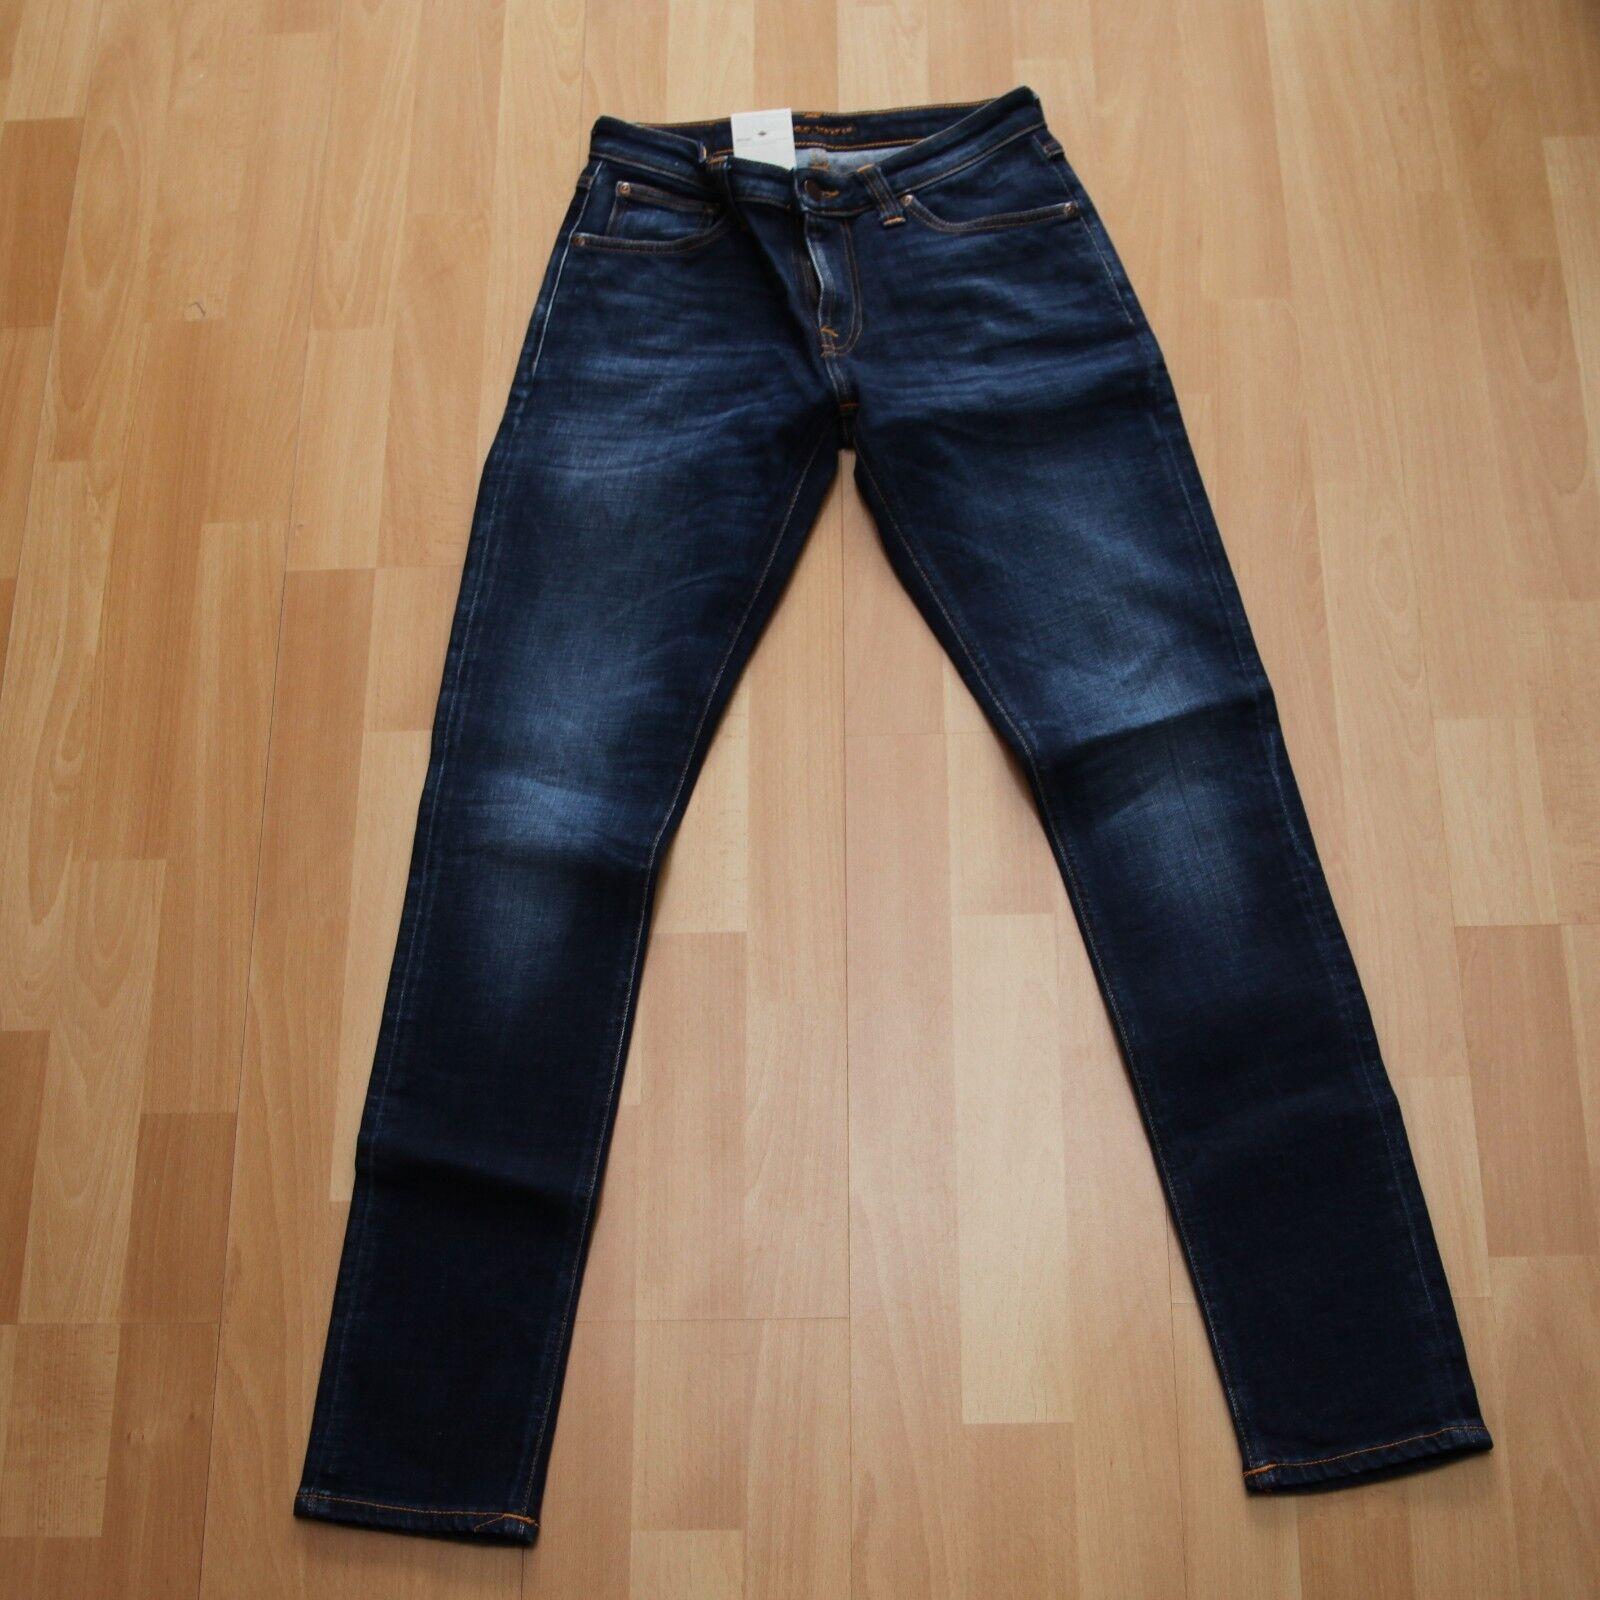 NEU Nudie Jeans Skinny LIN (skinny legs) Organic Dark Deep Worn 28 32